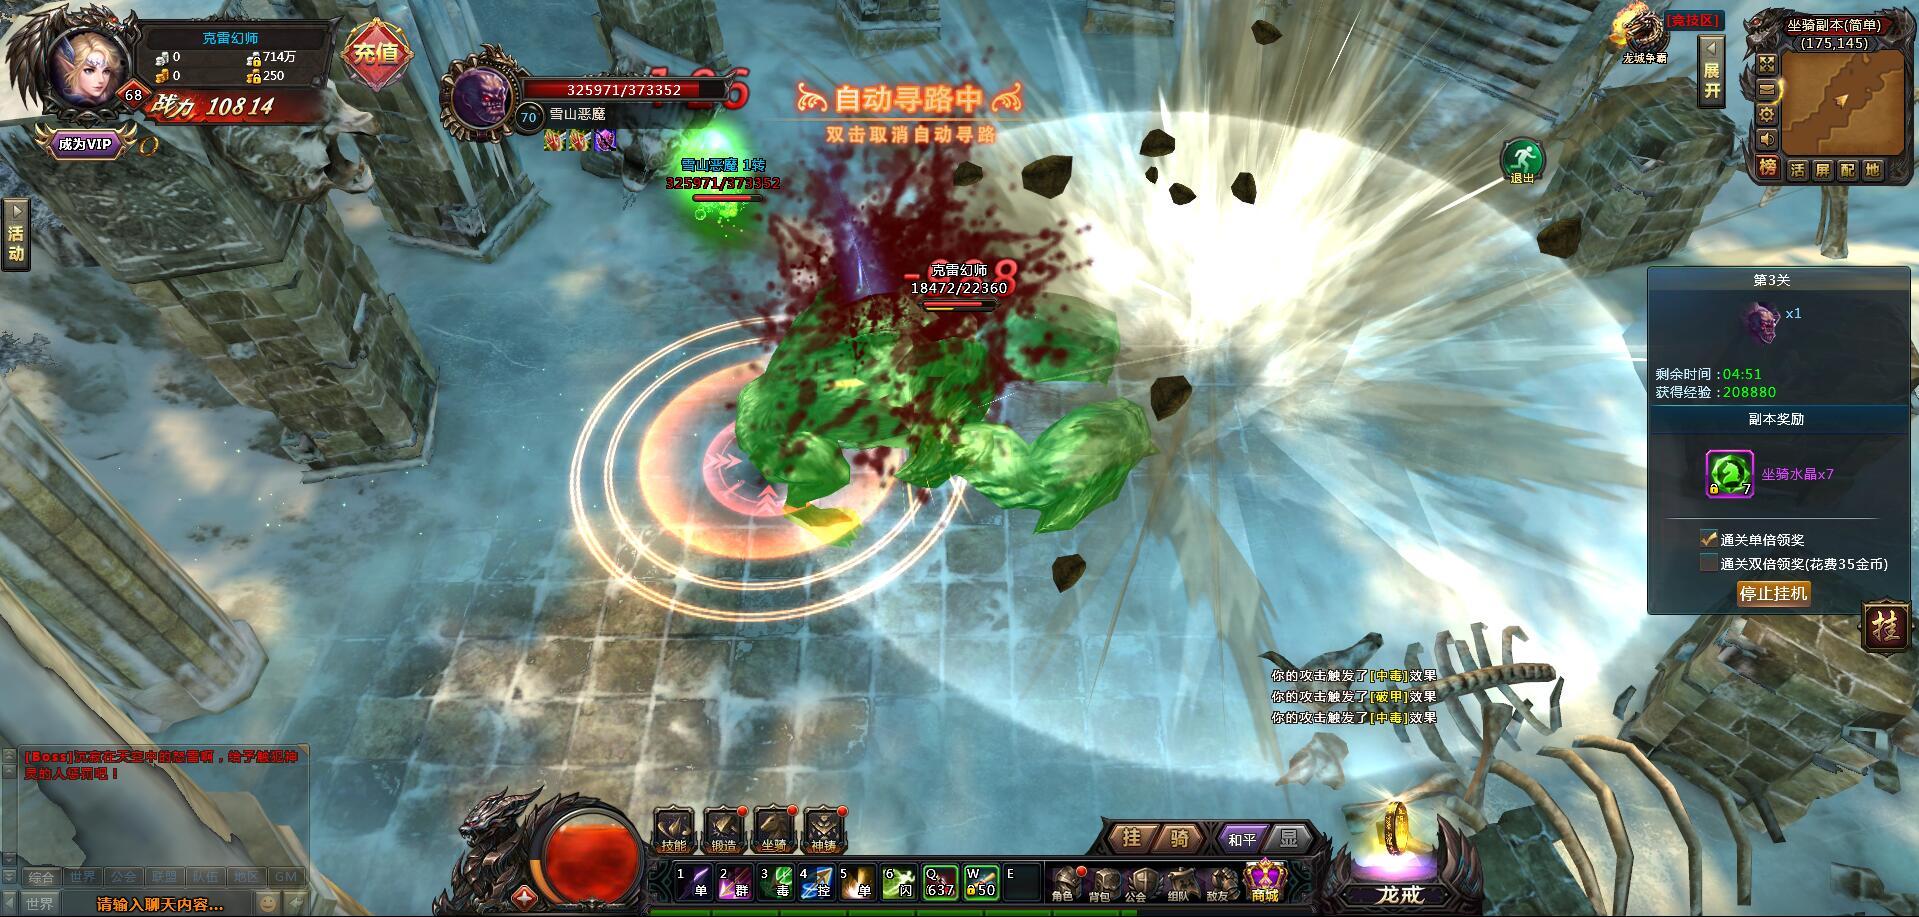 《神降魔炎》游戏截图